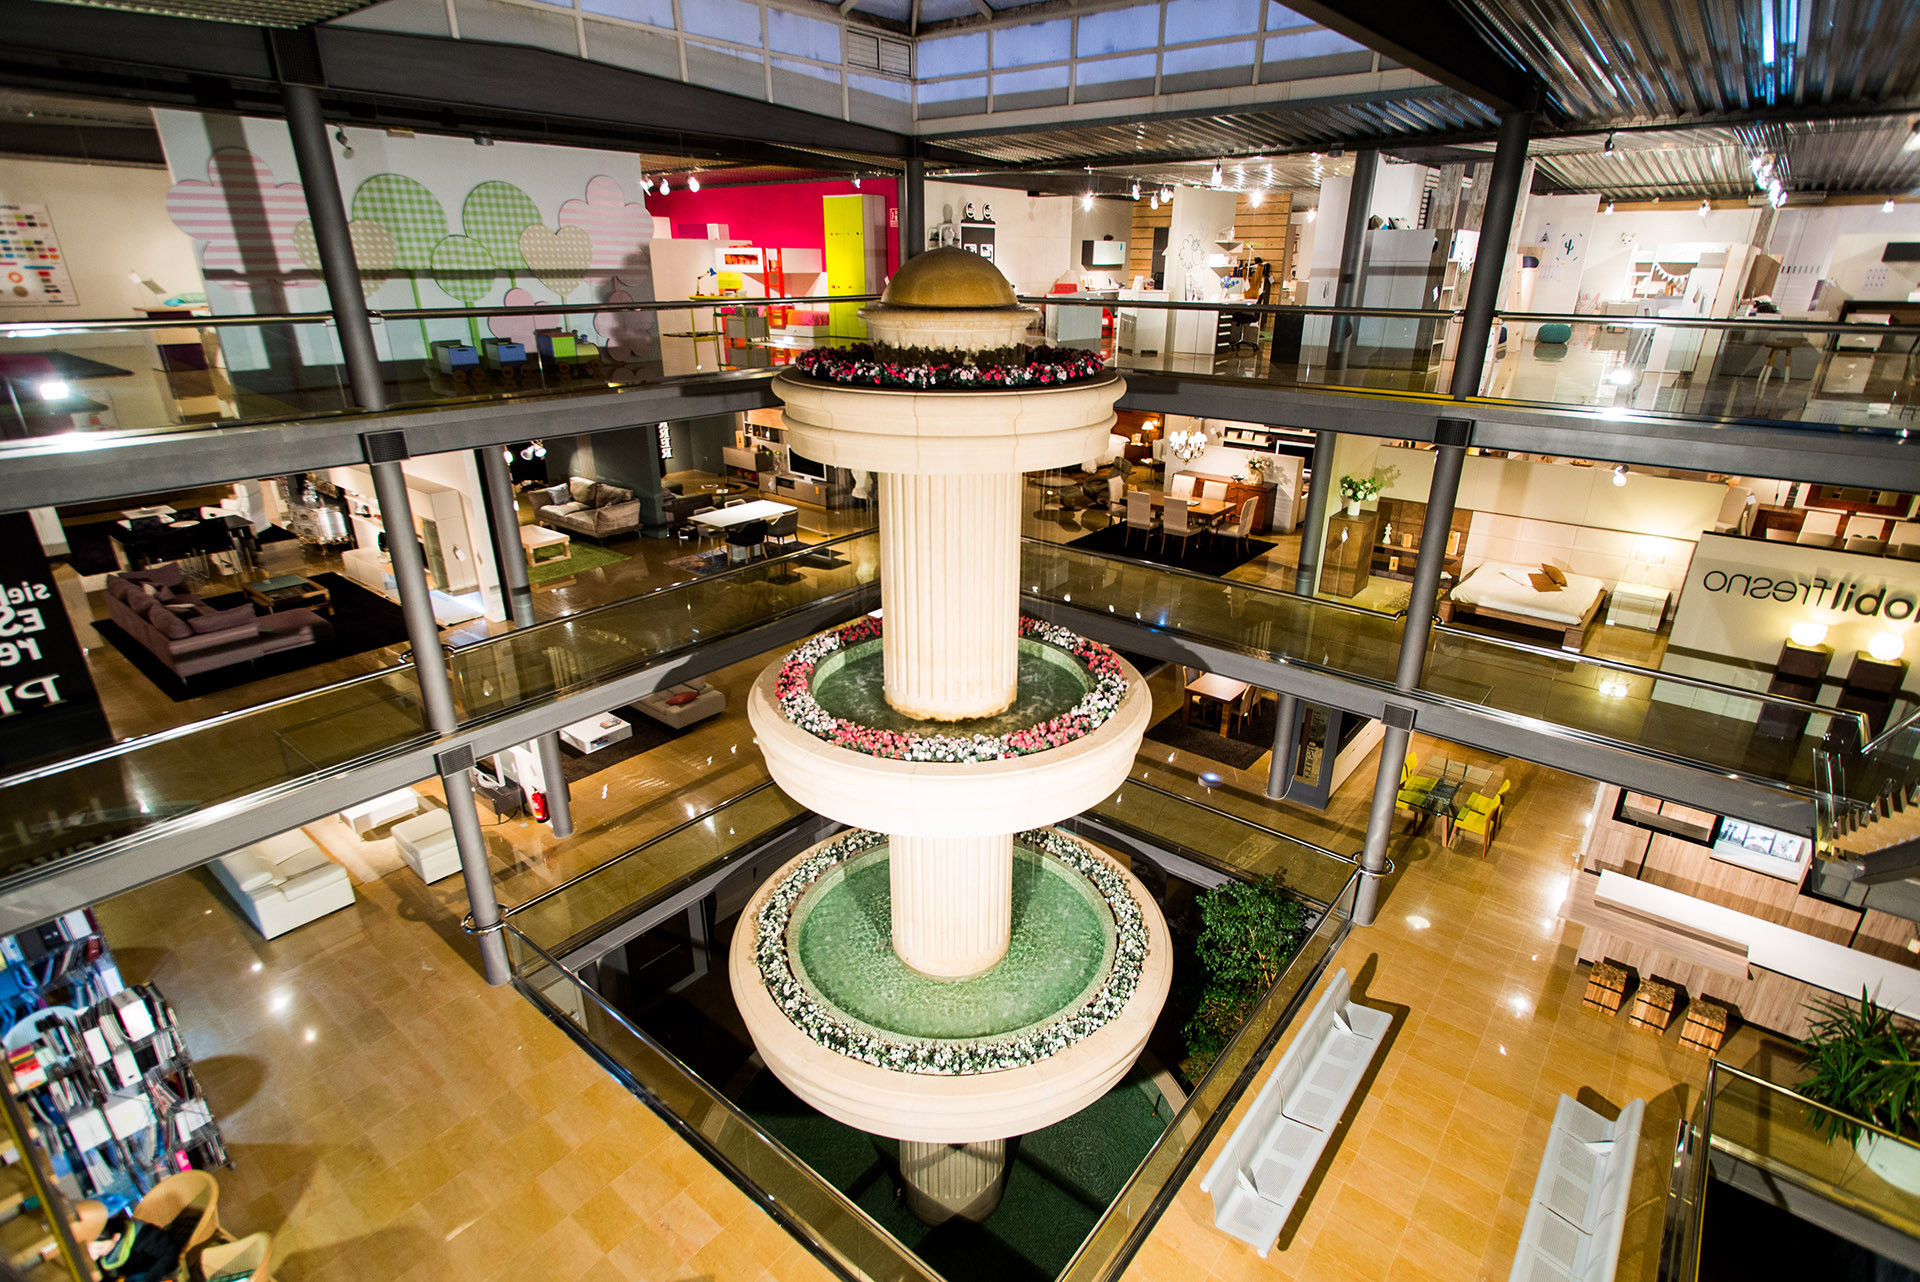 Tiendas Muebles Tarragona Mndw Tiendas Muebles Manresa Proyecto Con Motivo De Hogar Diseno Interior